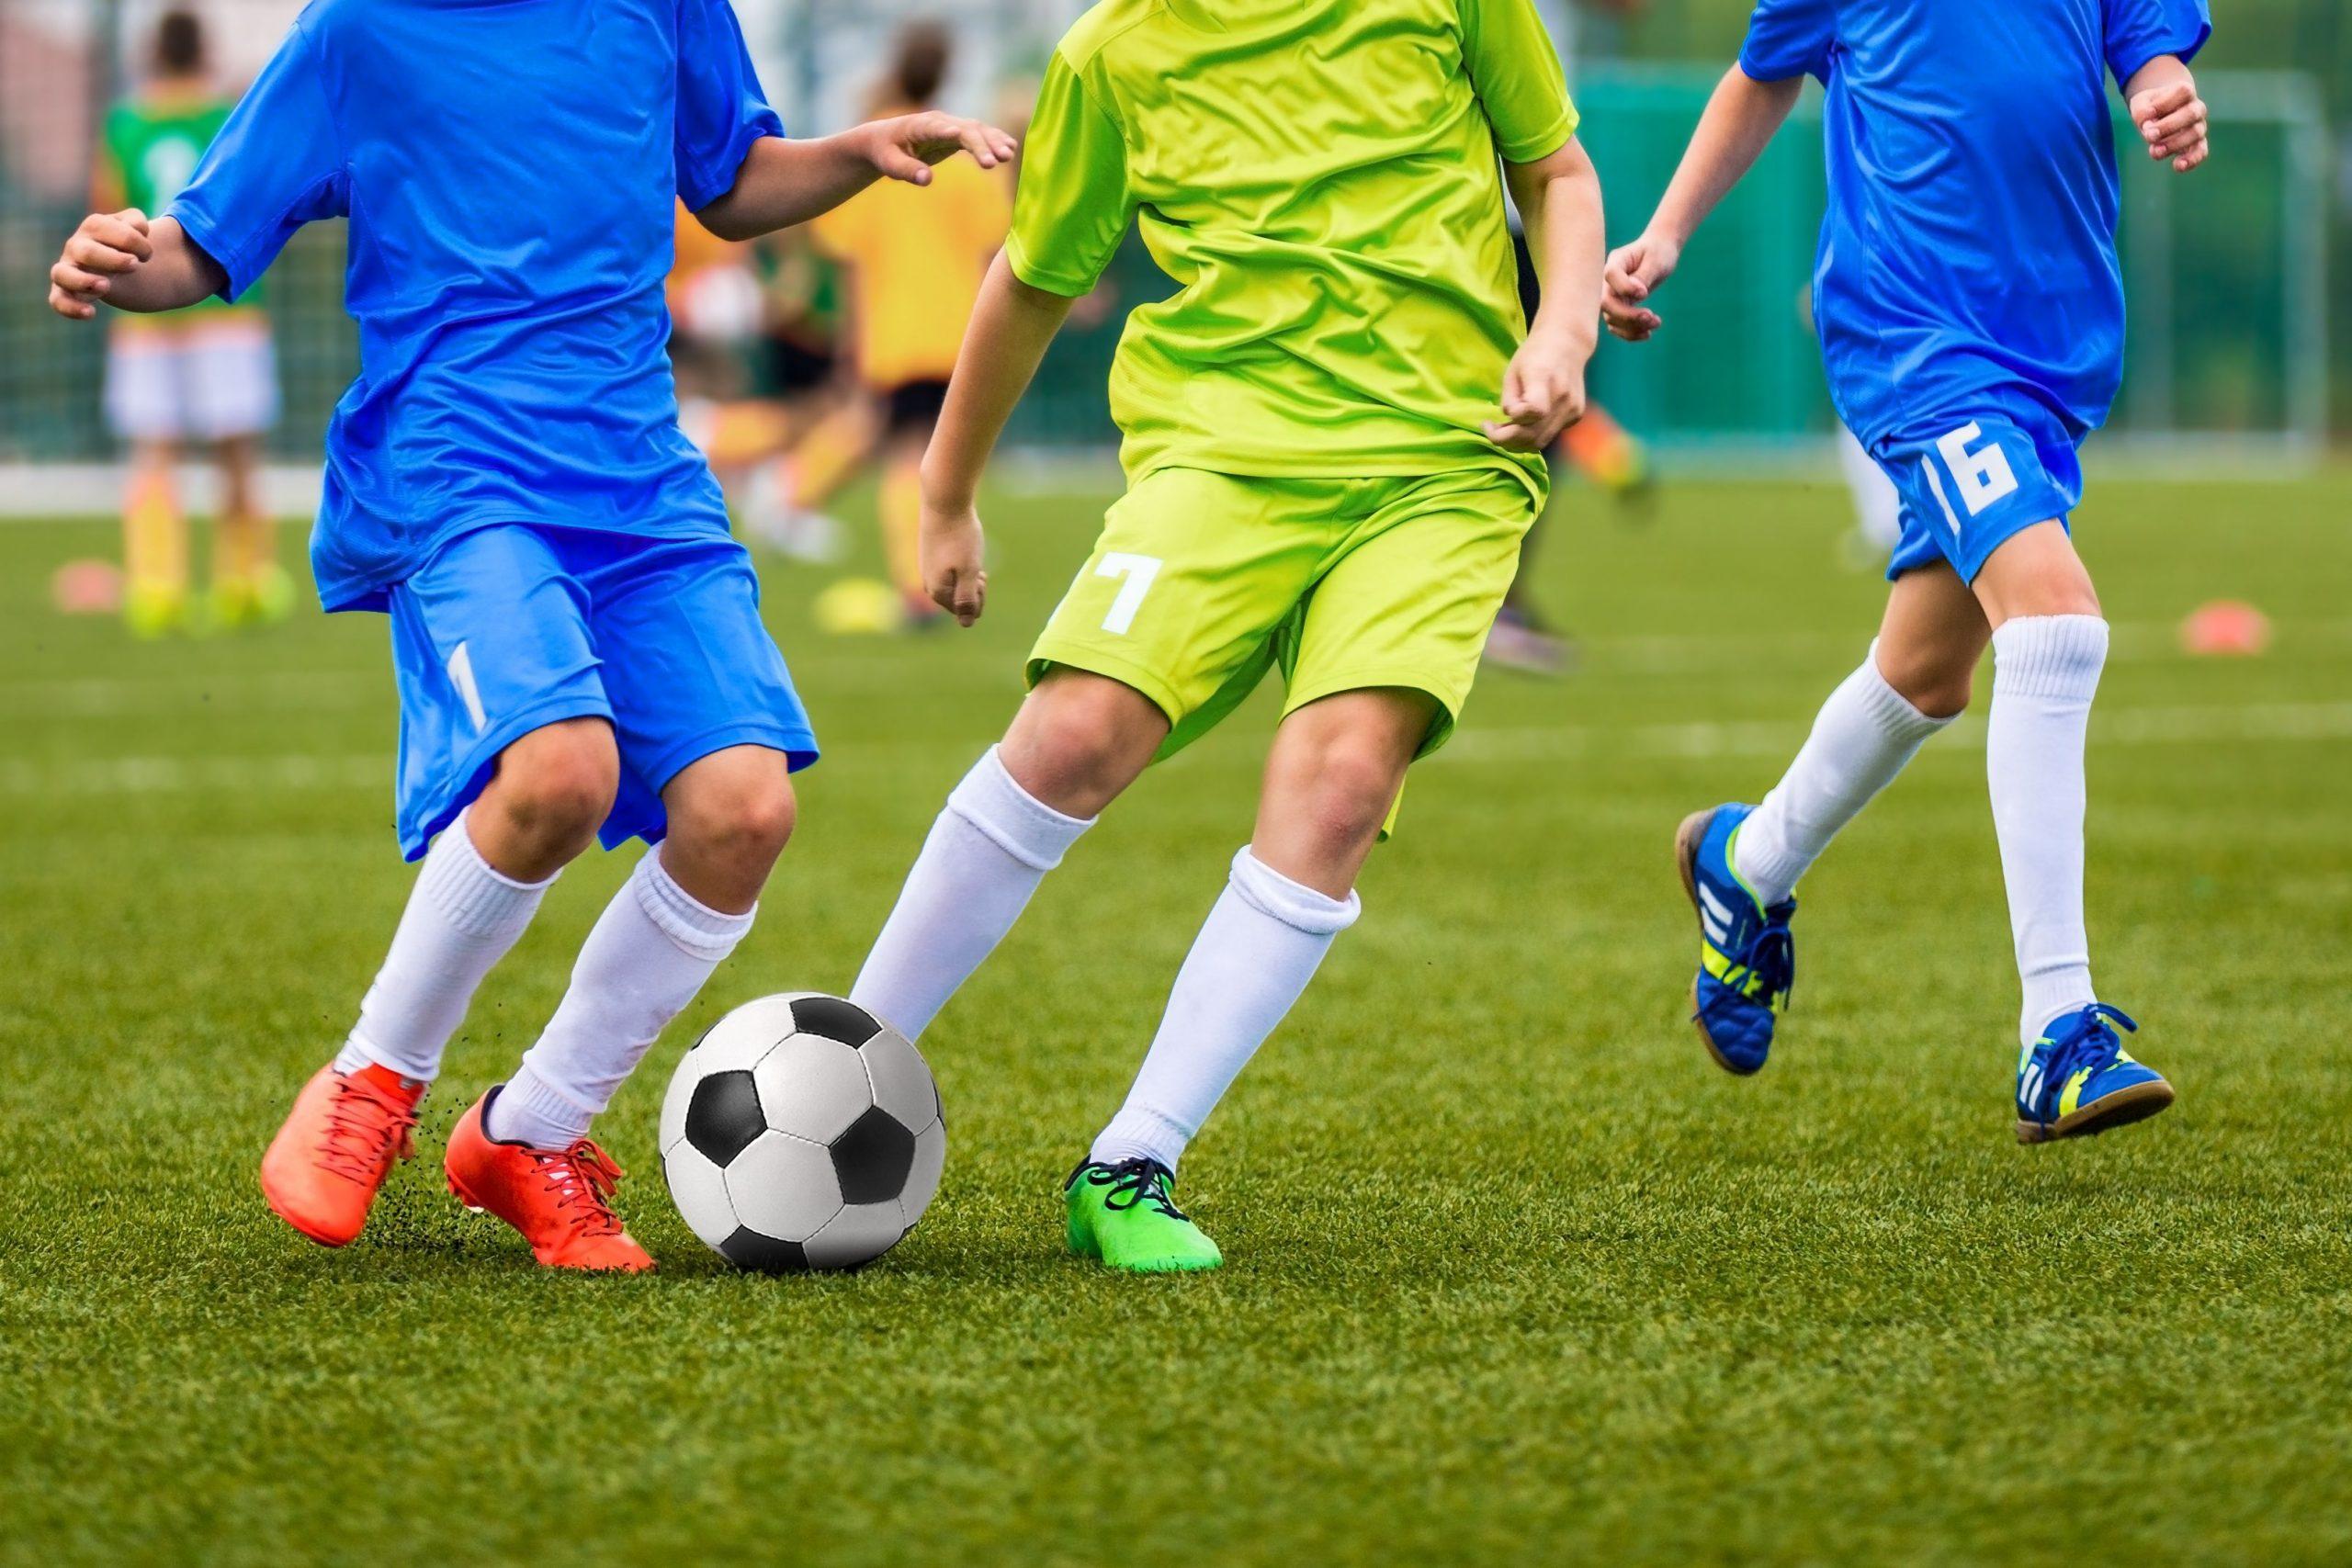 Kỹ năng chuyền bóng - Một kỹ năng không thể thiếu trong bóng đá